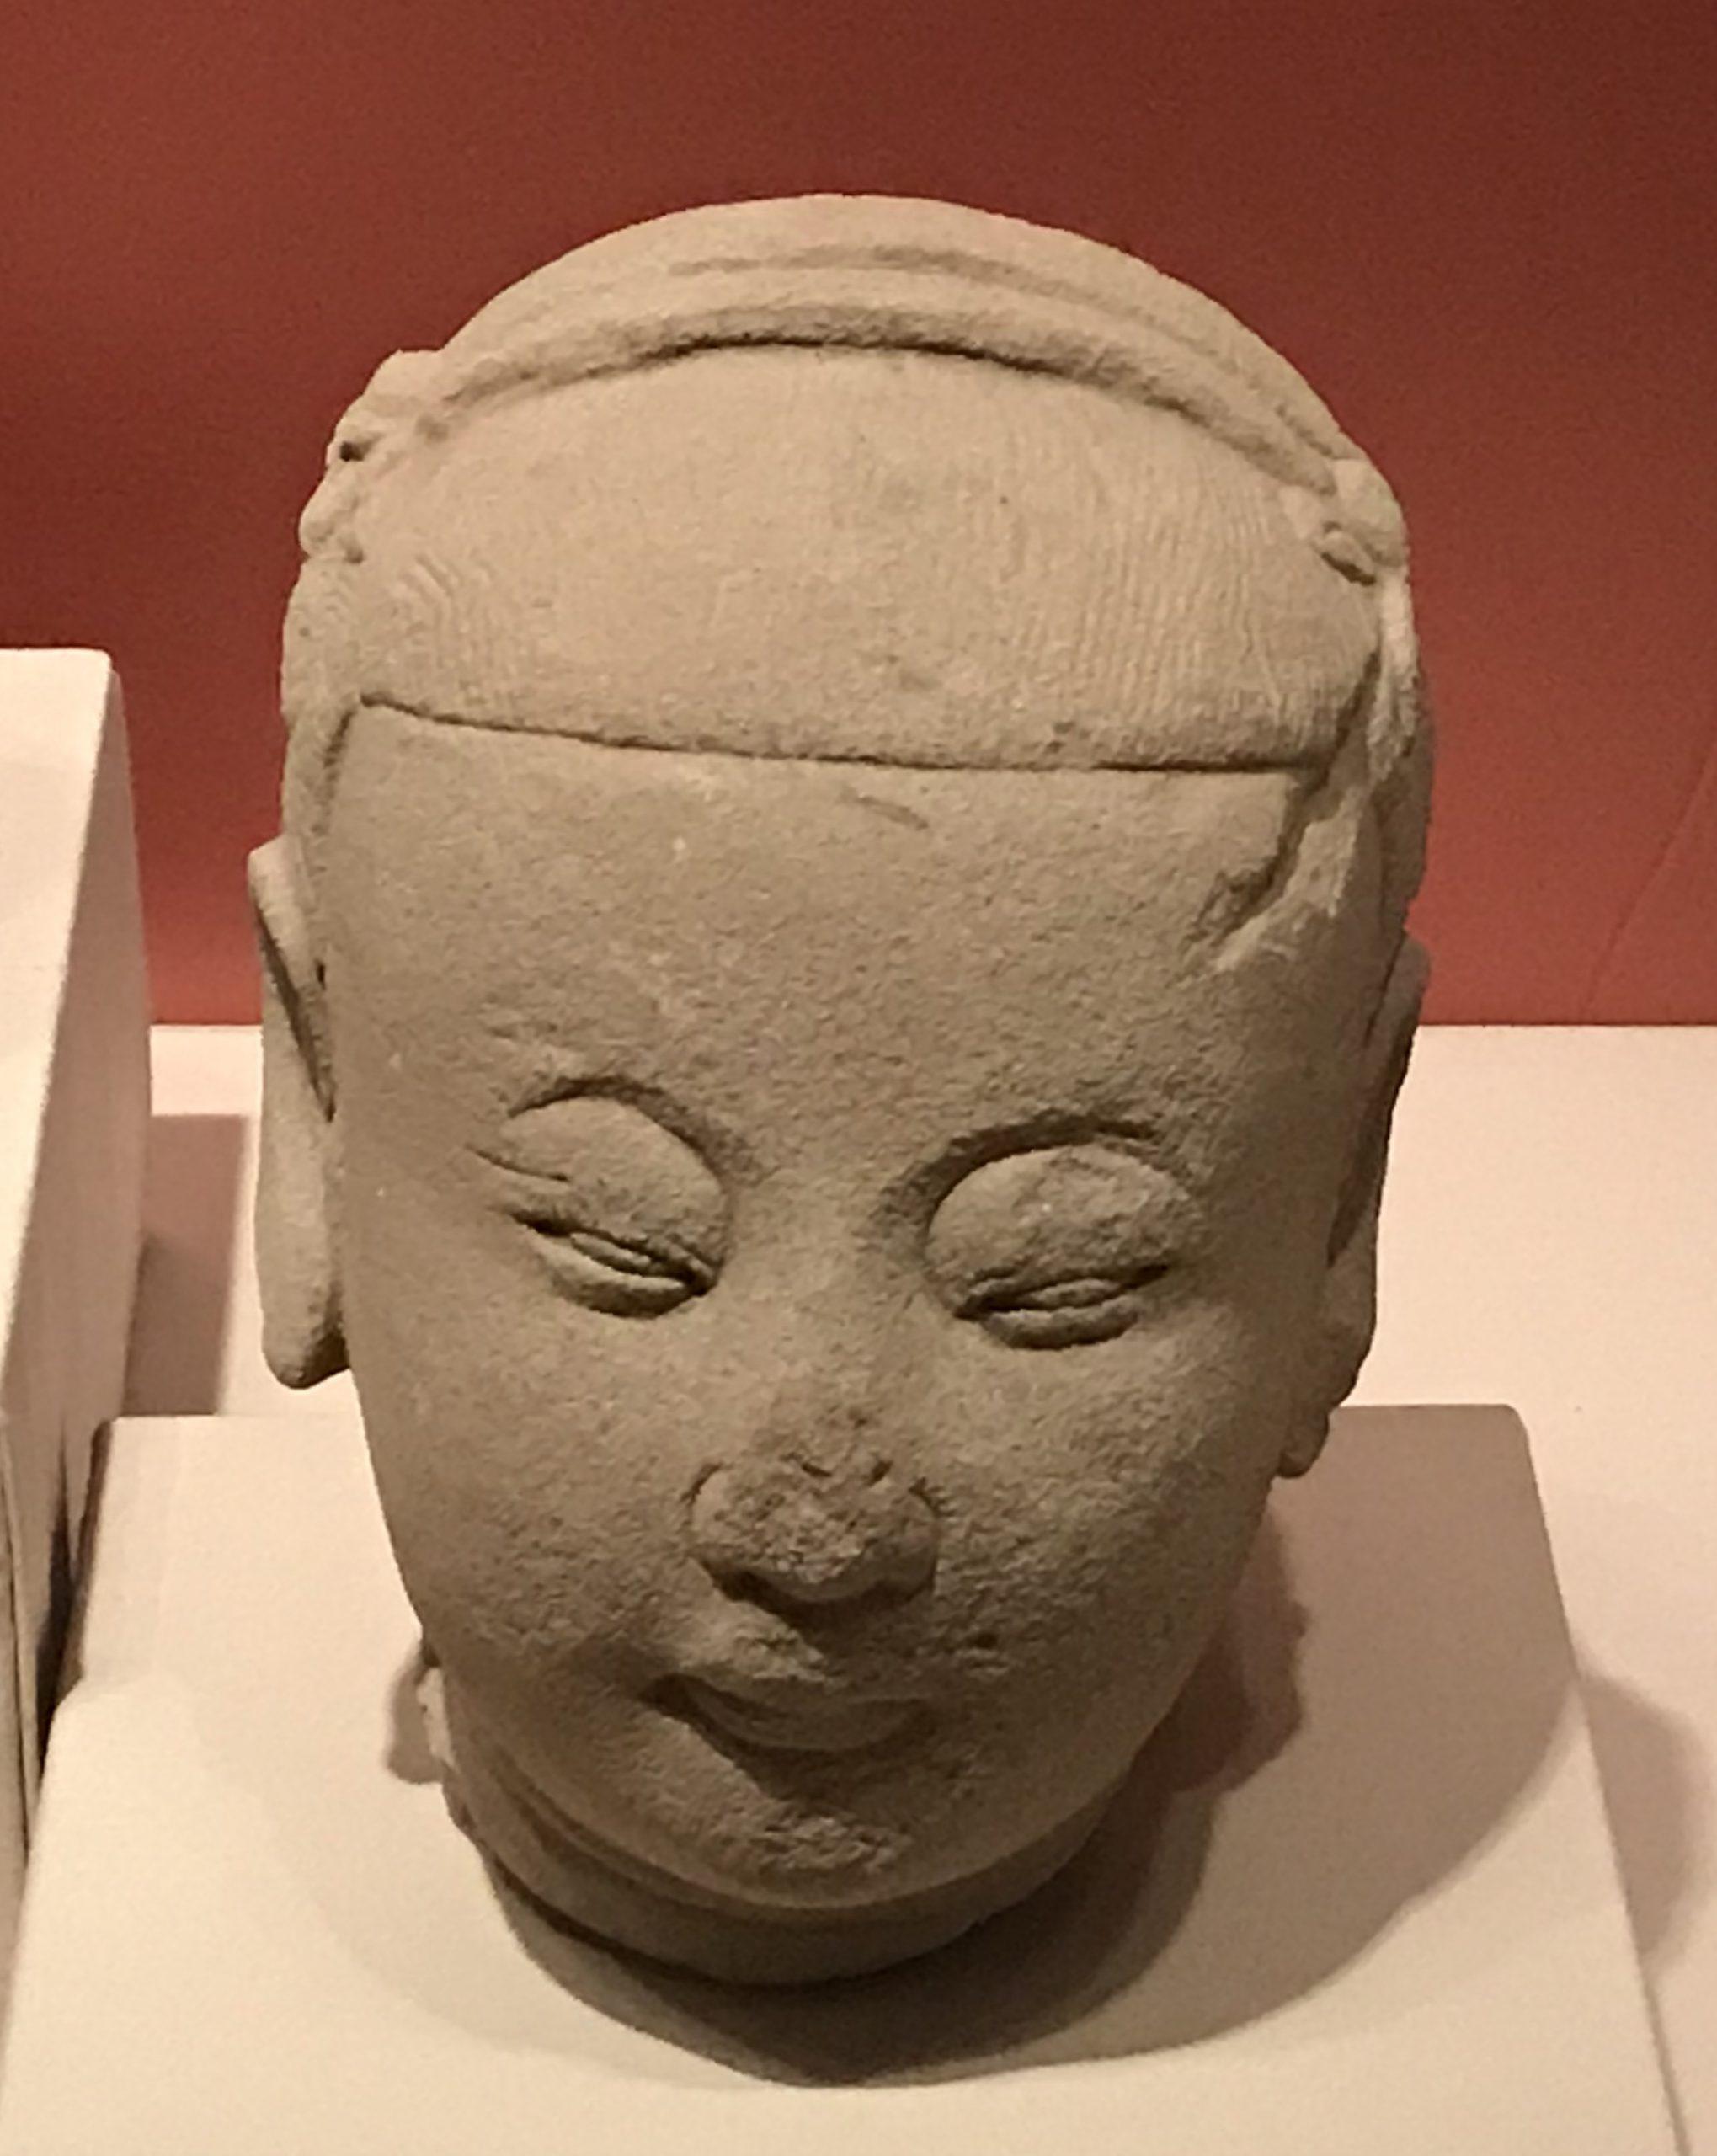 侍女頭像2-明時代-天下の大足-大足石刻の発見と継承-金沙遺跡博物館-成都